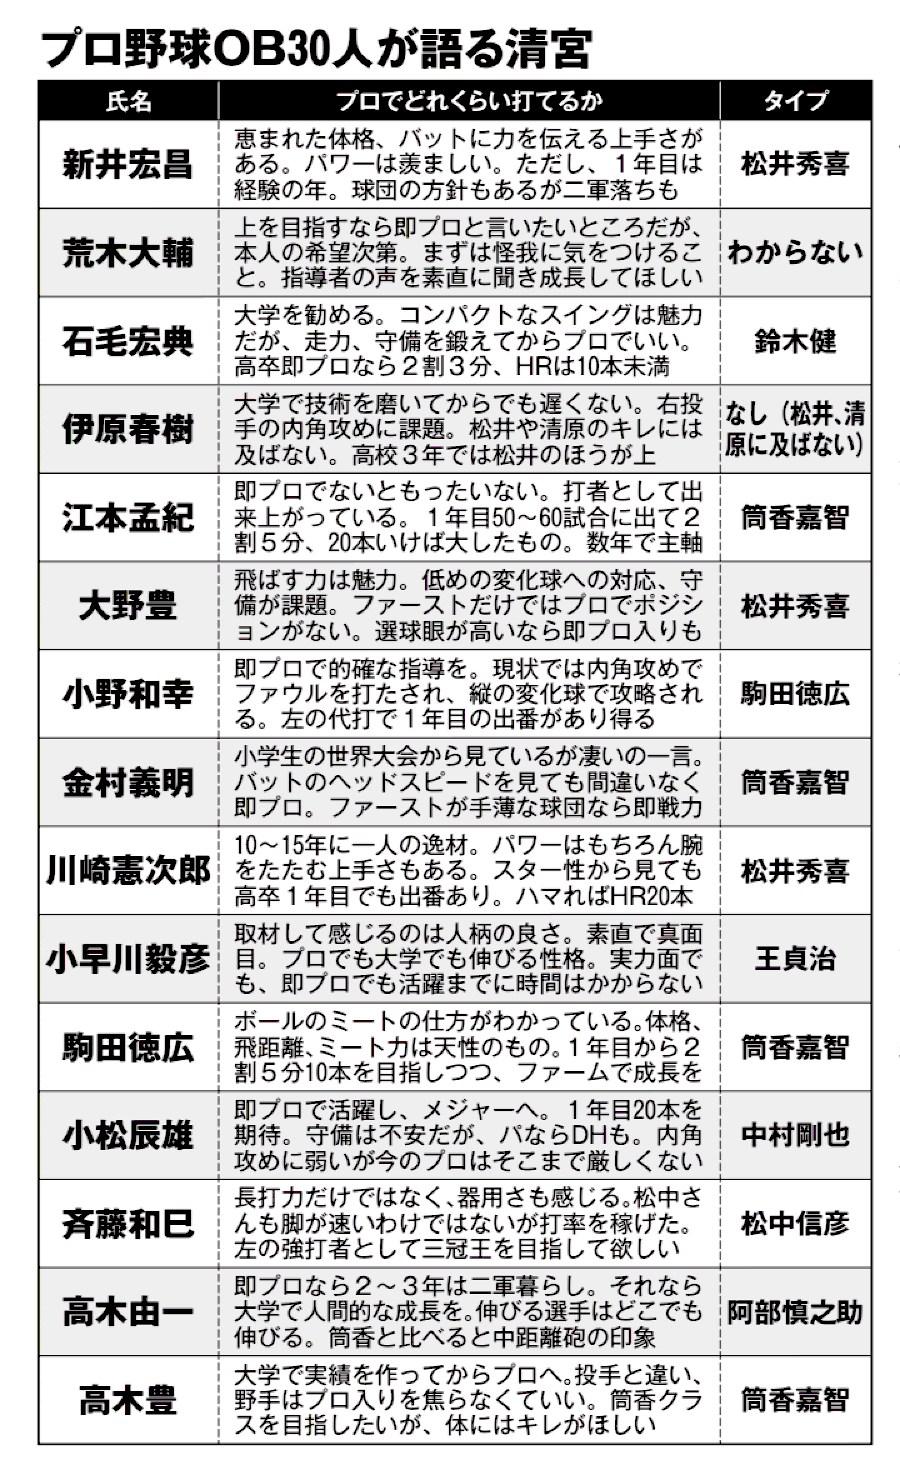 【徹底討論】清宮をプロ野球OB30人(レジェンドクラス)が語るwwwwwwwwwwww - プロ野球その他